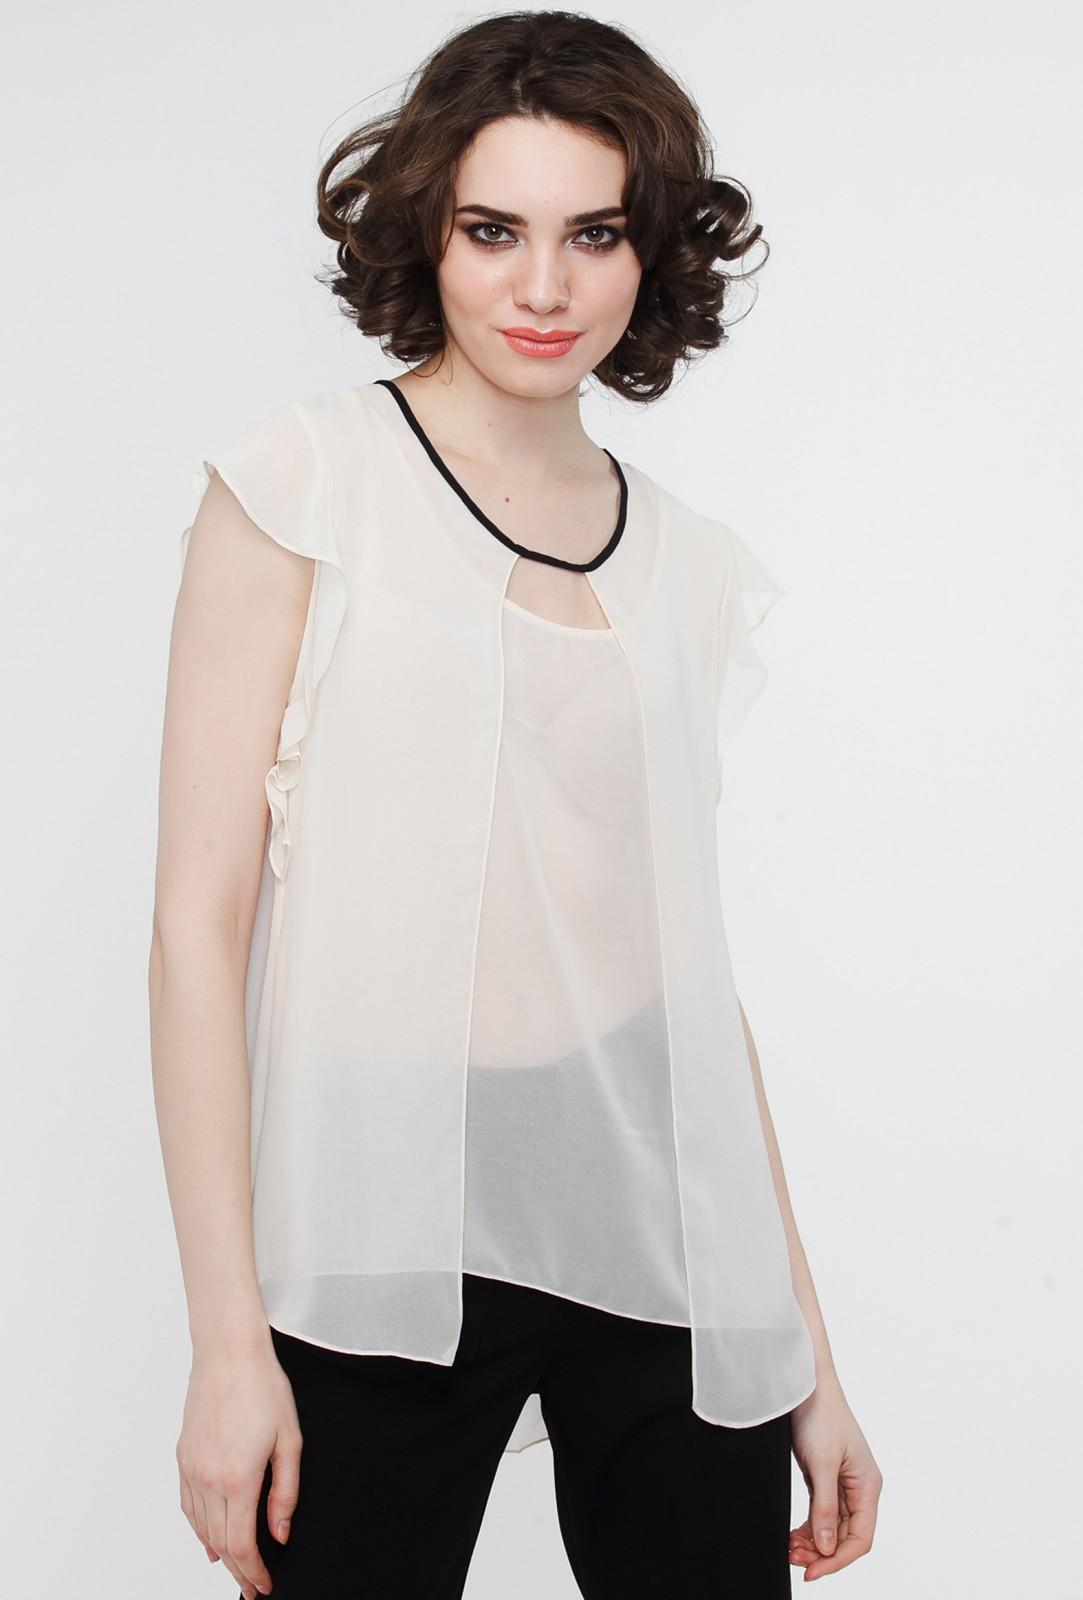 Дизайнерские блузки доставка